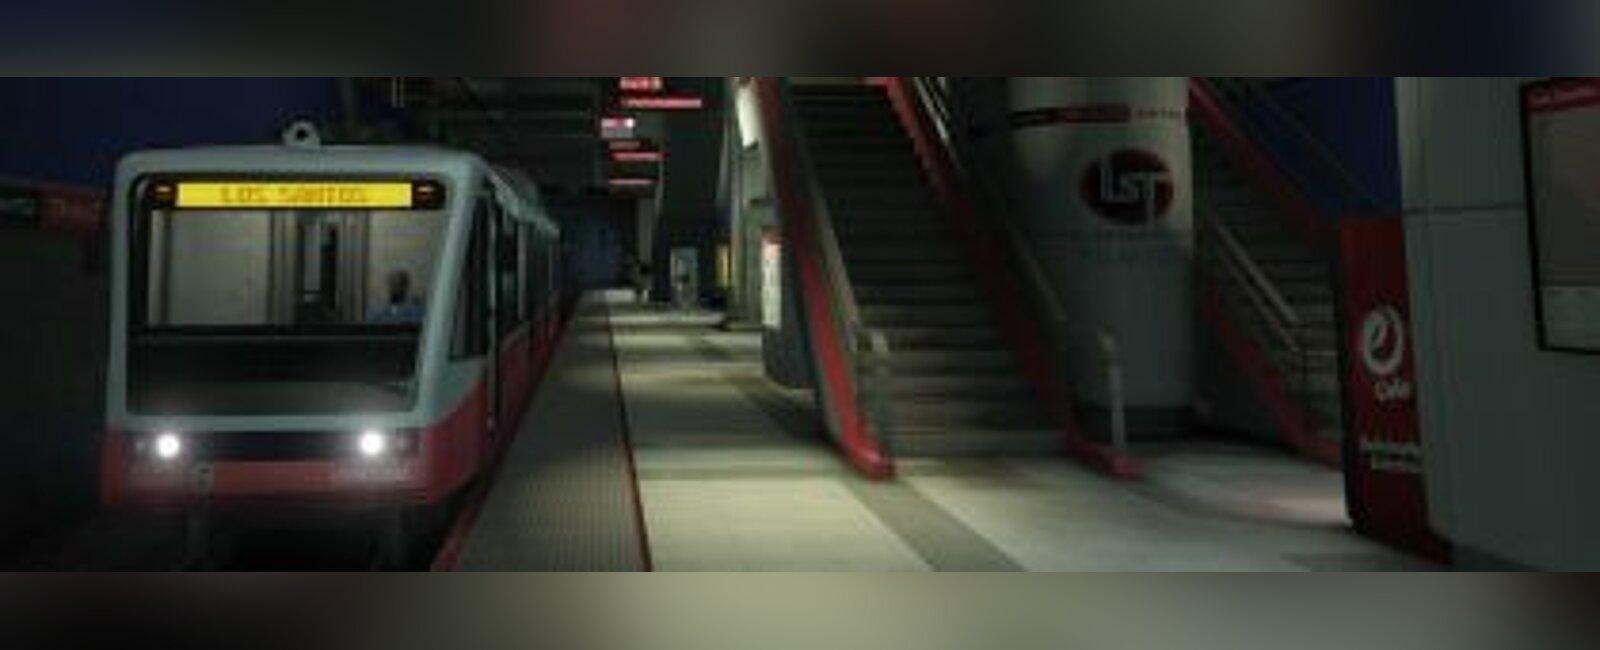 Эволюция общественного транспорта